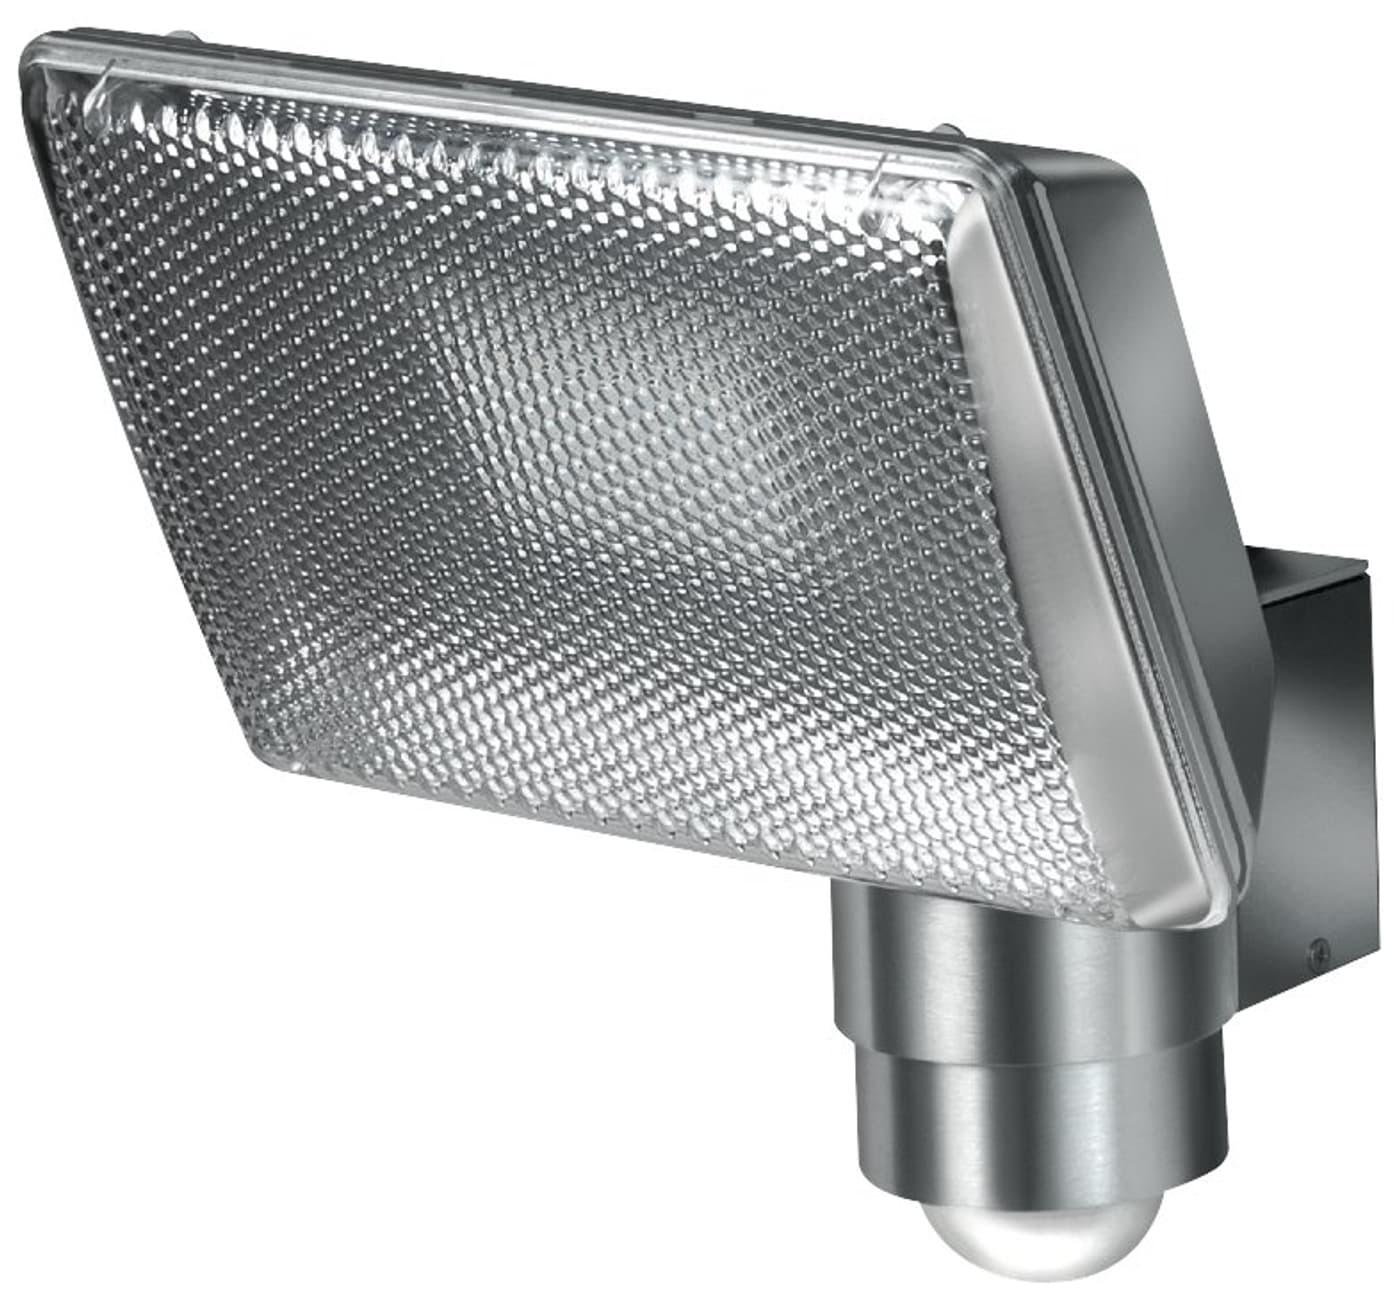 Lampe Power LED L2705 PIR IP 44 avec détecteur de mouvement